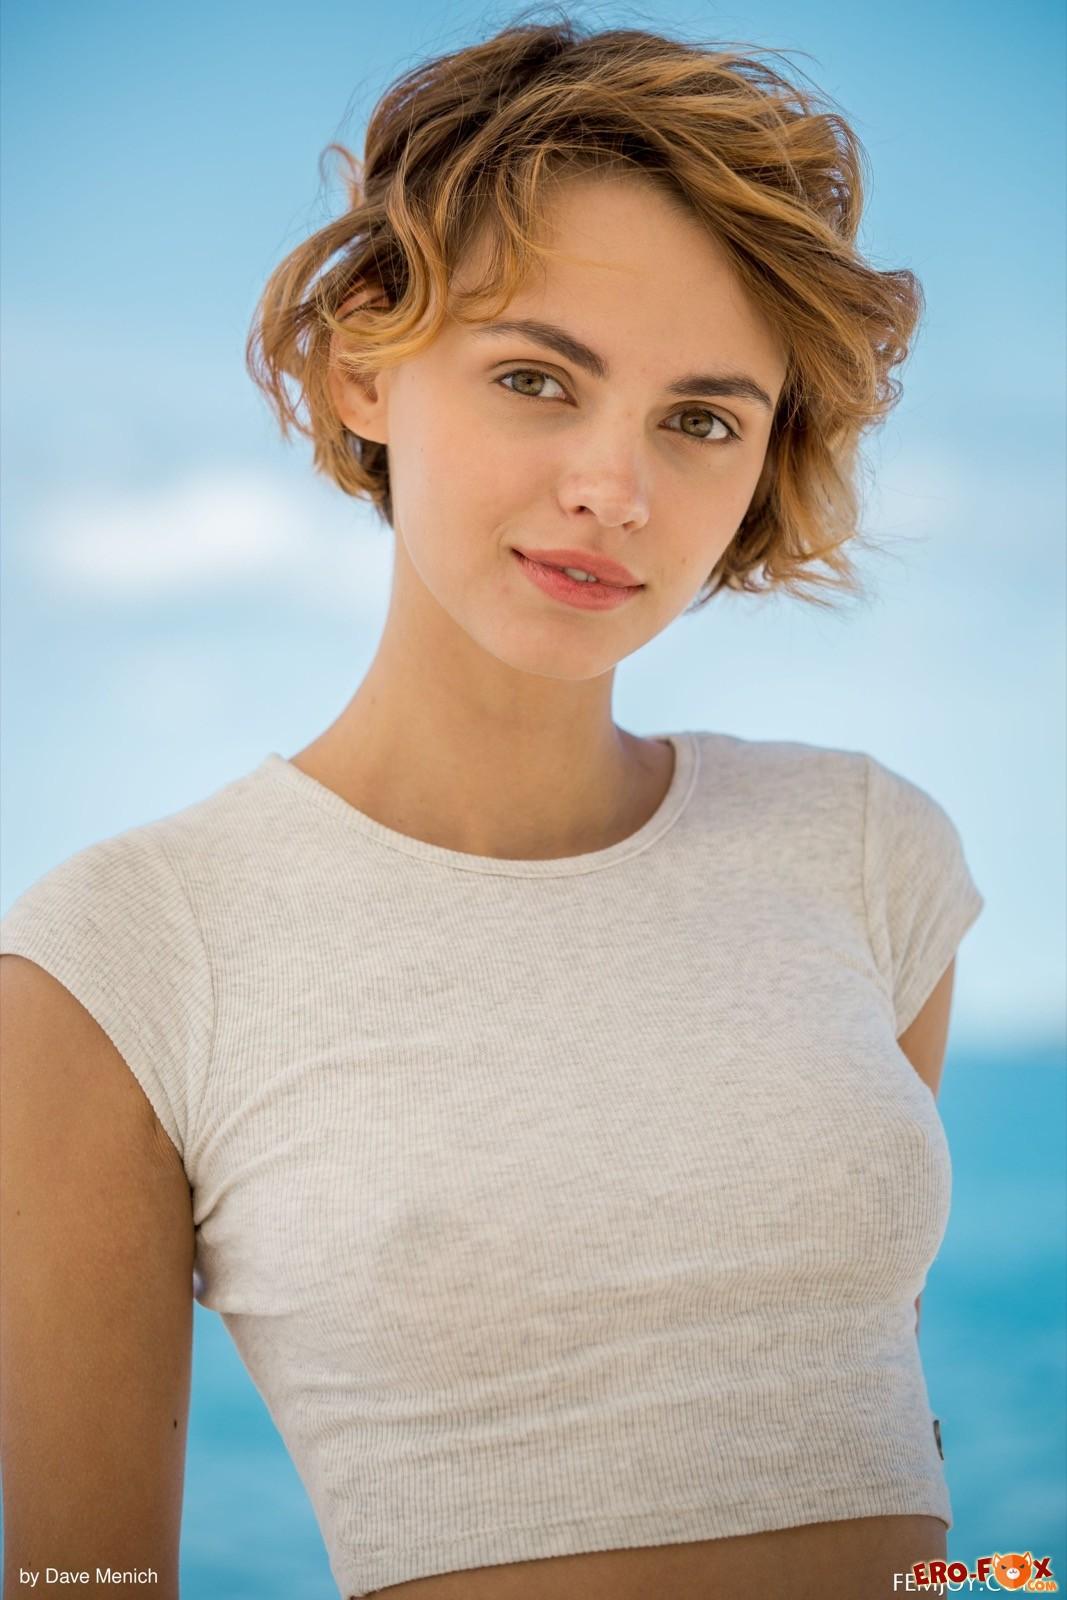 Голая молодая девушка с красивым телом на море - фото